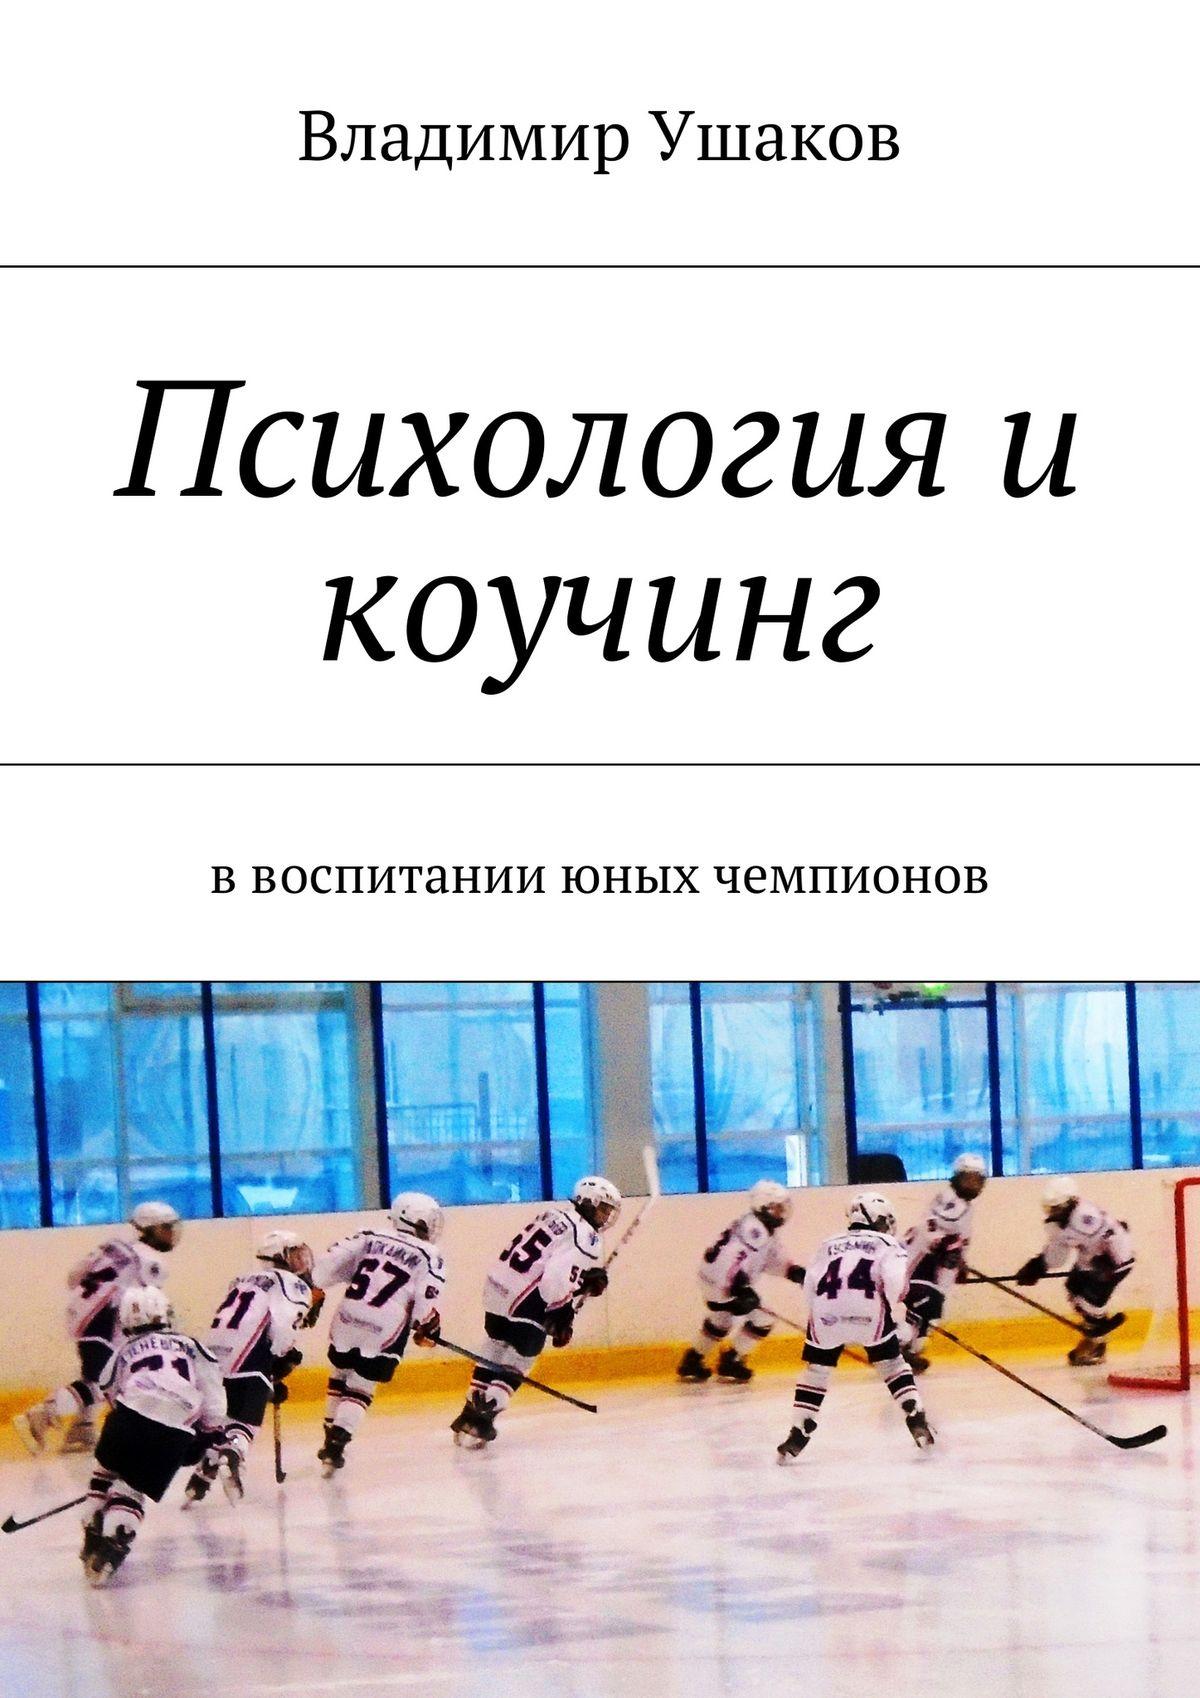 Владимир Михайлович Ушаков Психология и коучинг ввоспитании юных чемпионов недорого